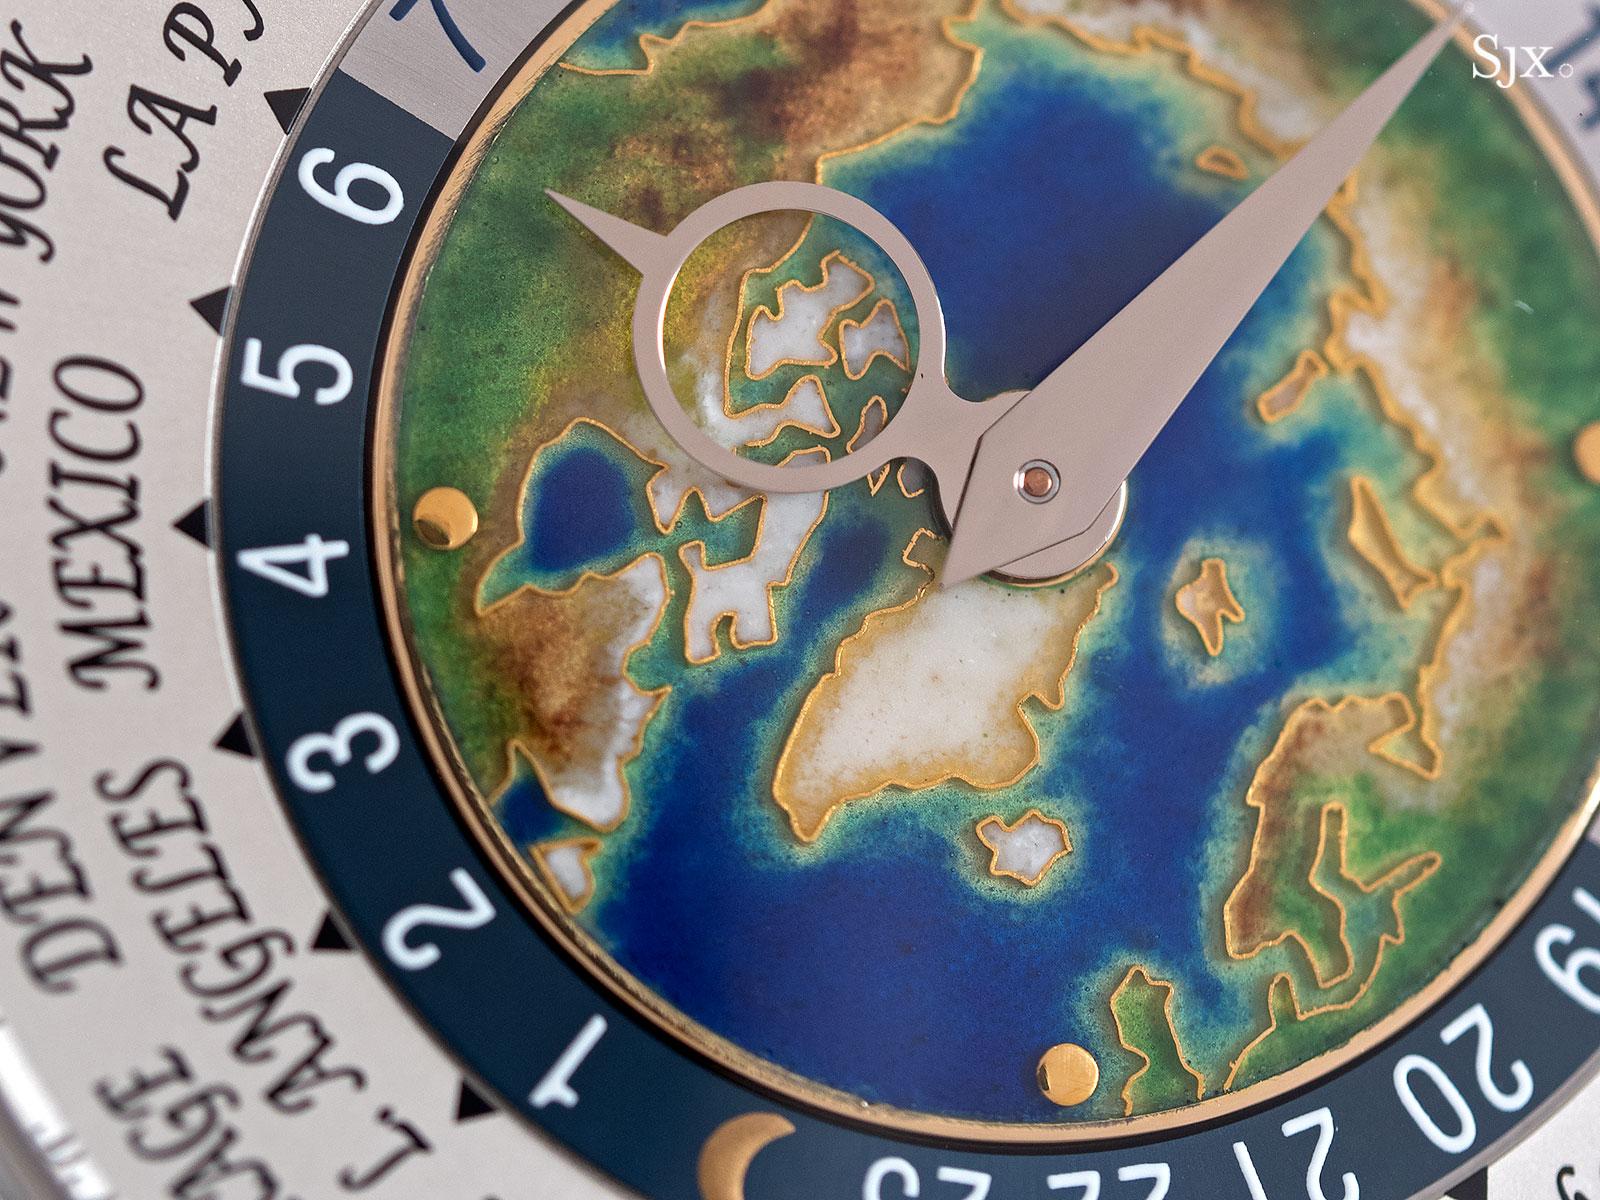 Patek Philippe world time 5131-1P platinum 4